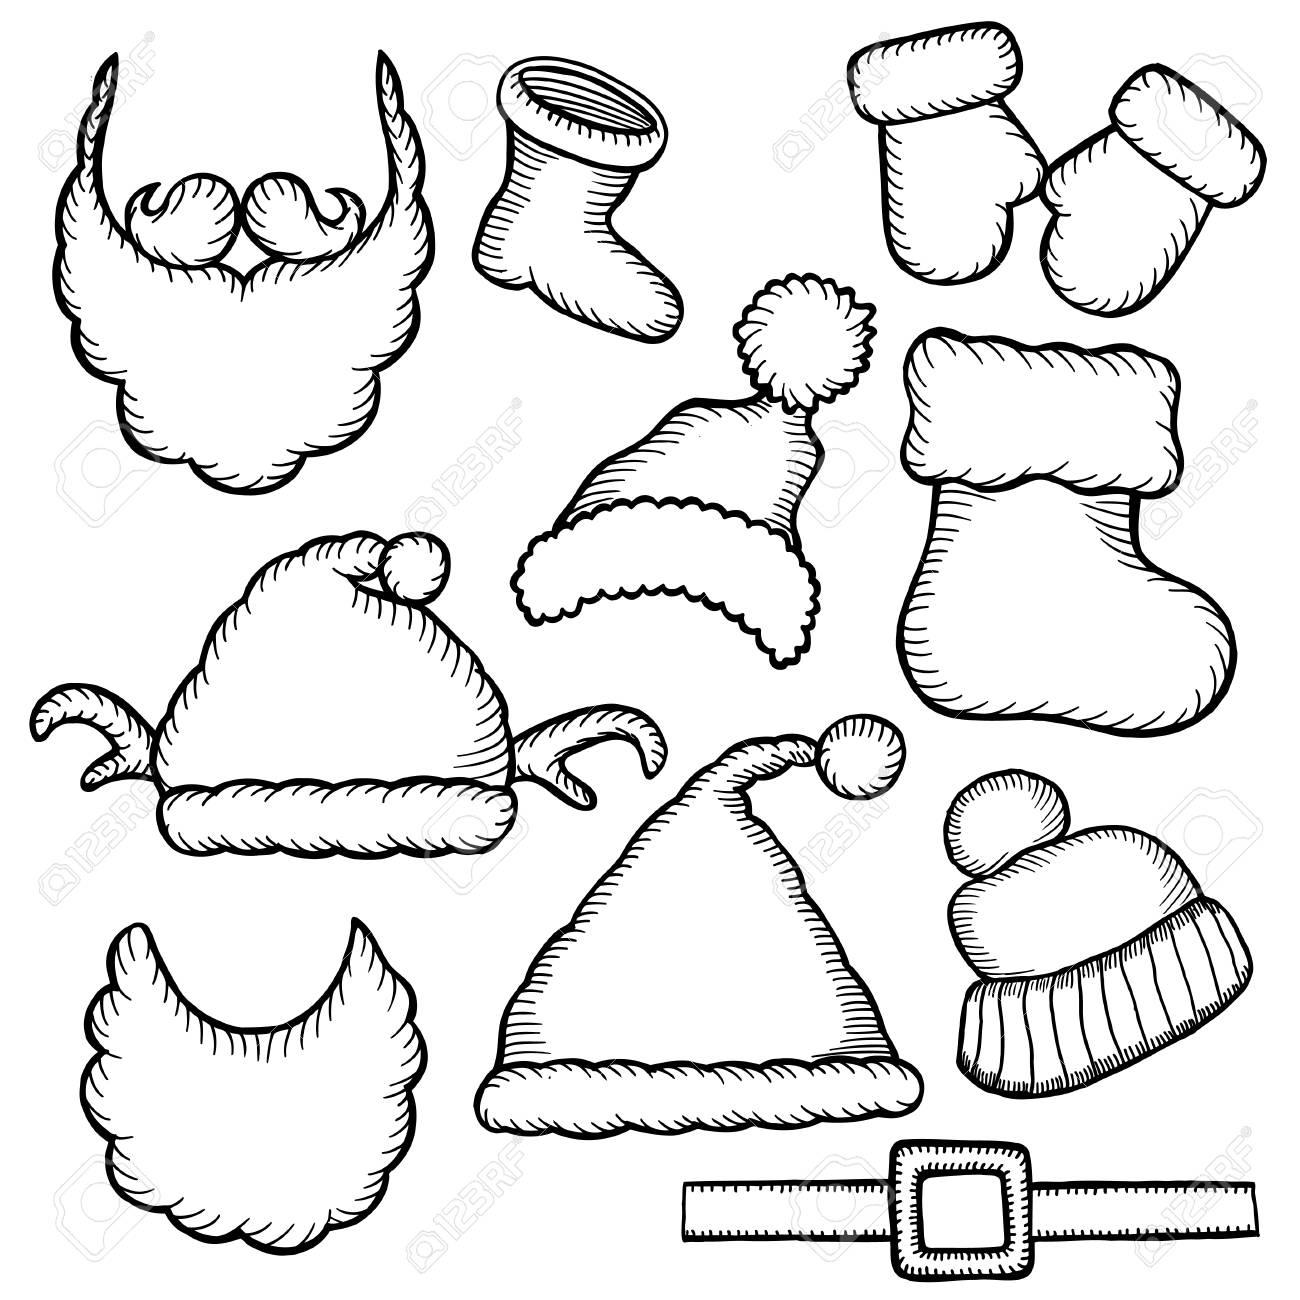 Conjunto De Doodle Monocromo Sombreros Santa Claus. Plantilla ...